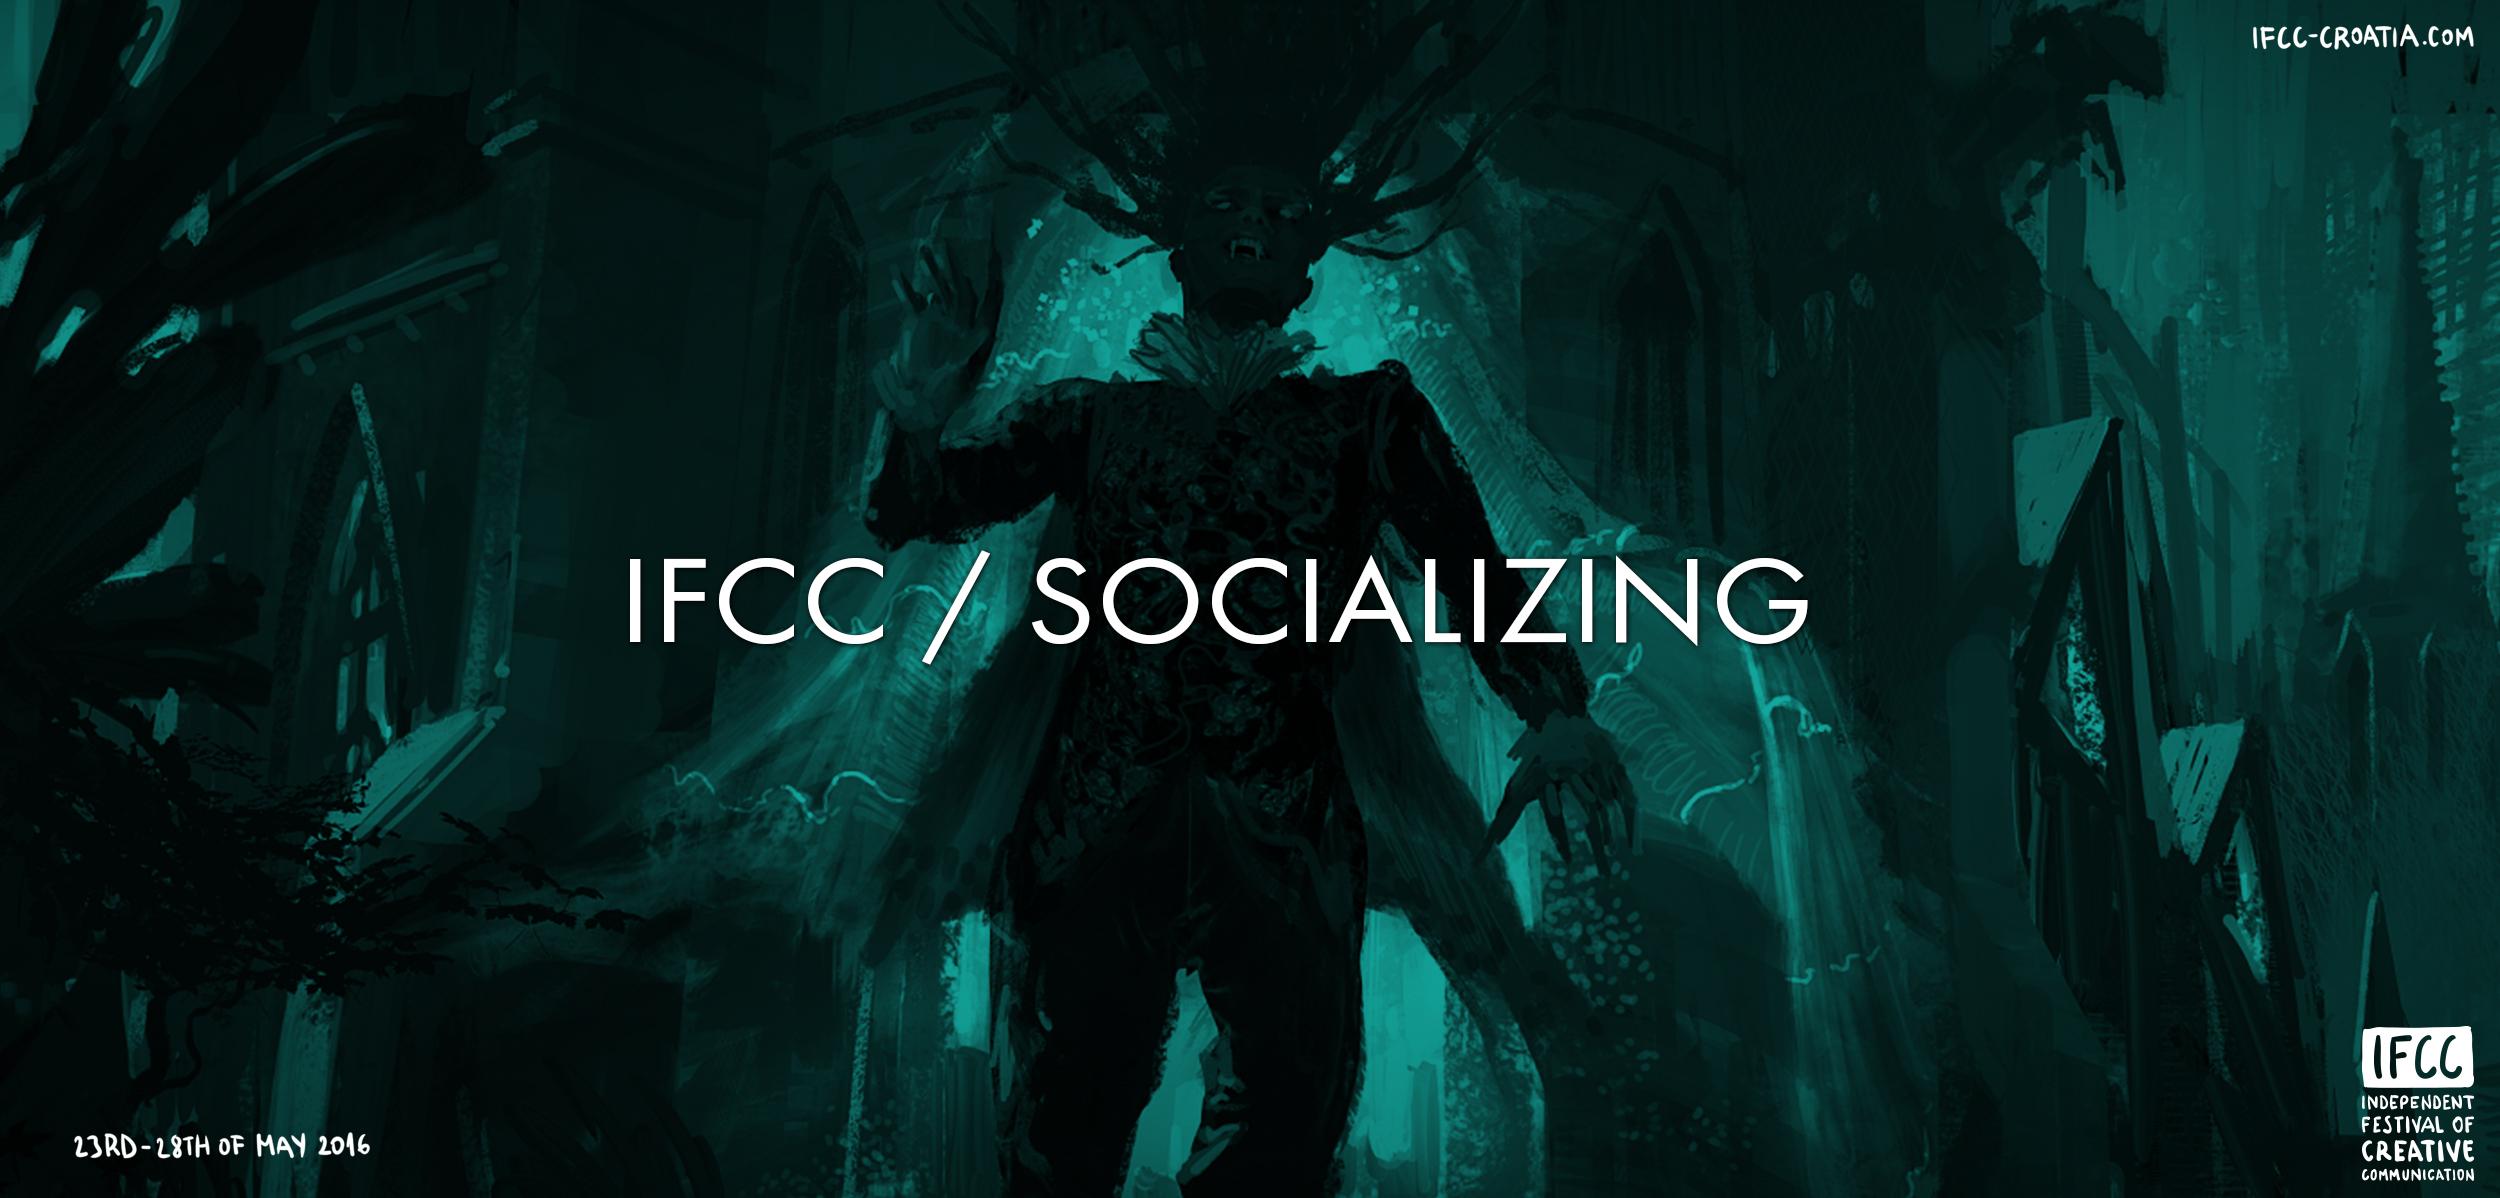 IFCC Socializing